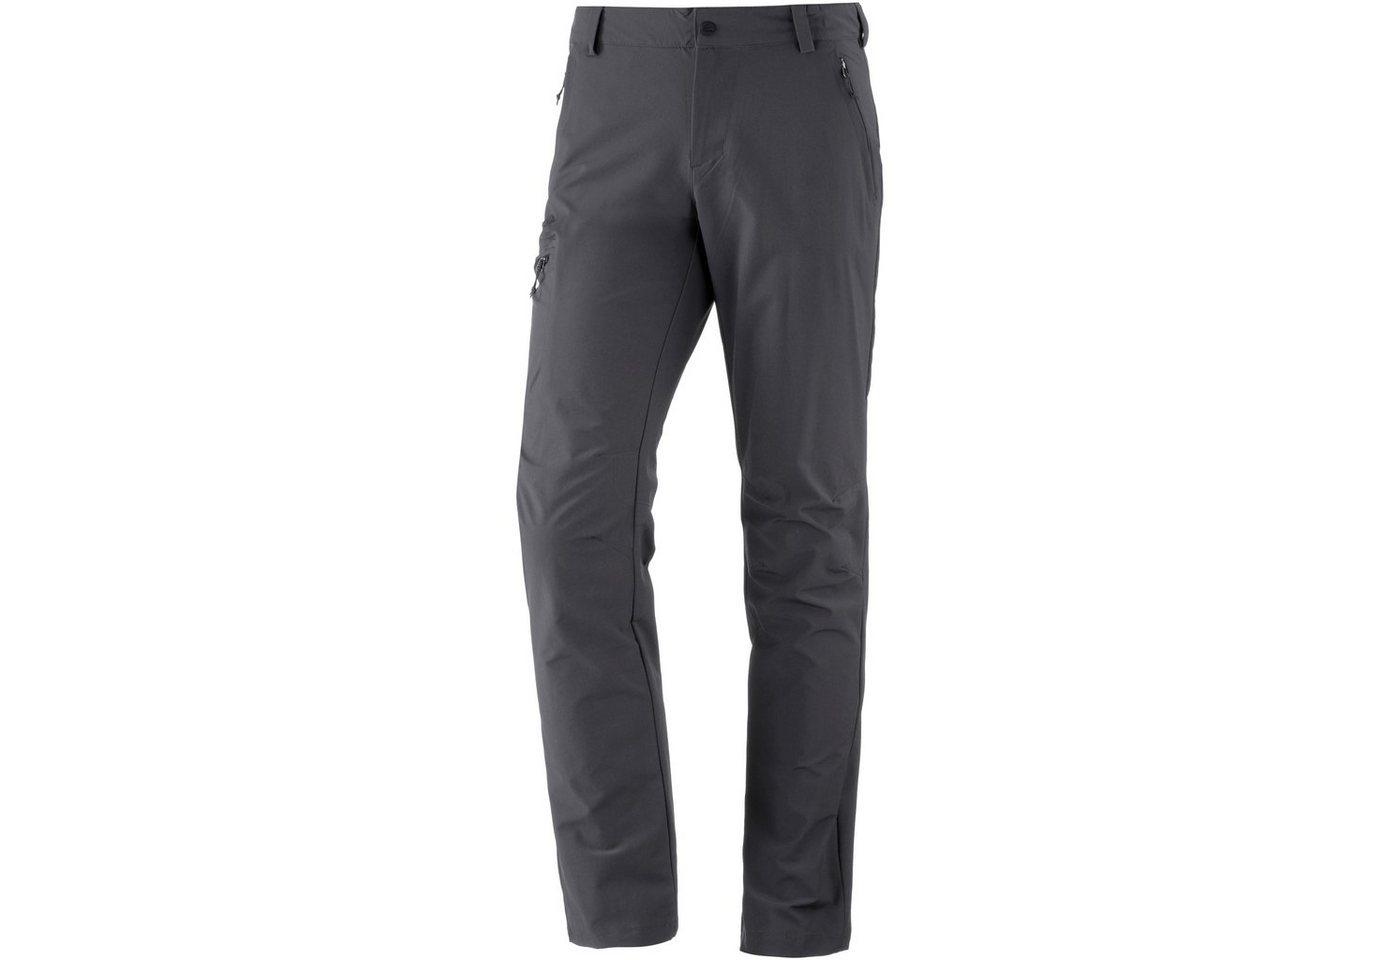 Schöffel Outdoorhose »Folkstone« | Bekleidung > Hosen > Outdoorhosen | Grau | Polyamid - Elastan | Schöffel